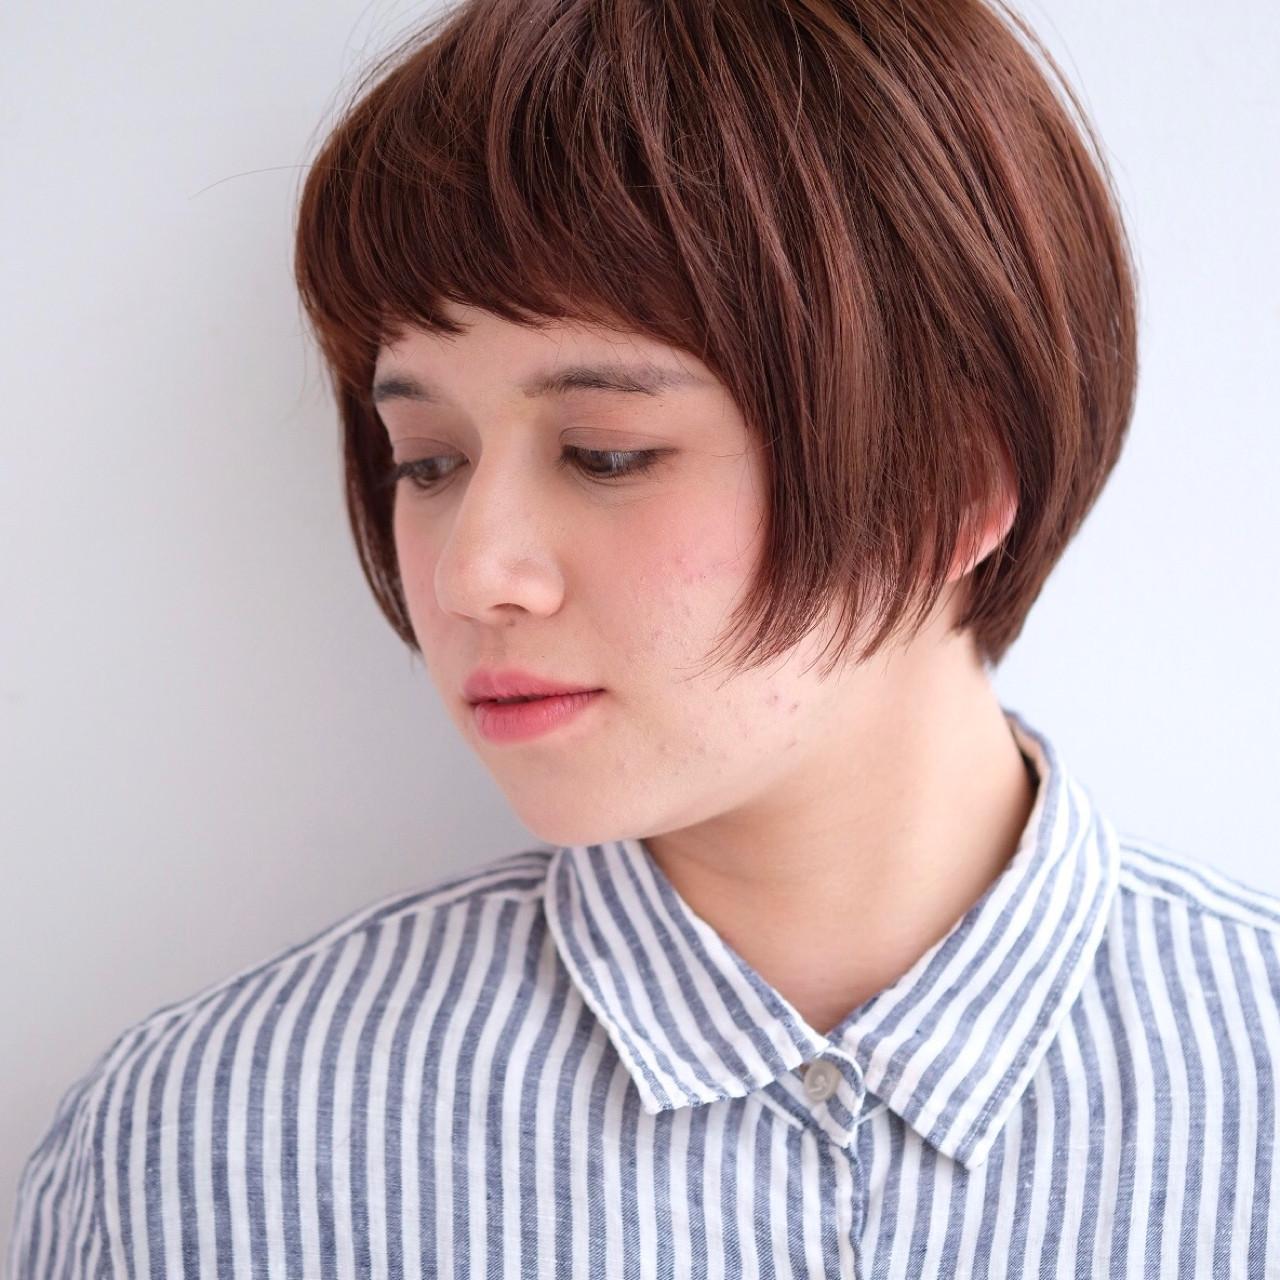 どんな髪型にすればいいの?40代の女性におすすめしたい髪型はこれ! 大胡貴洋